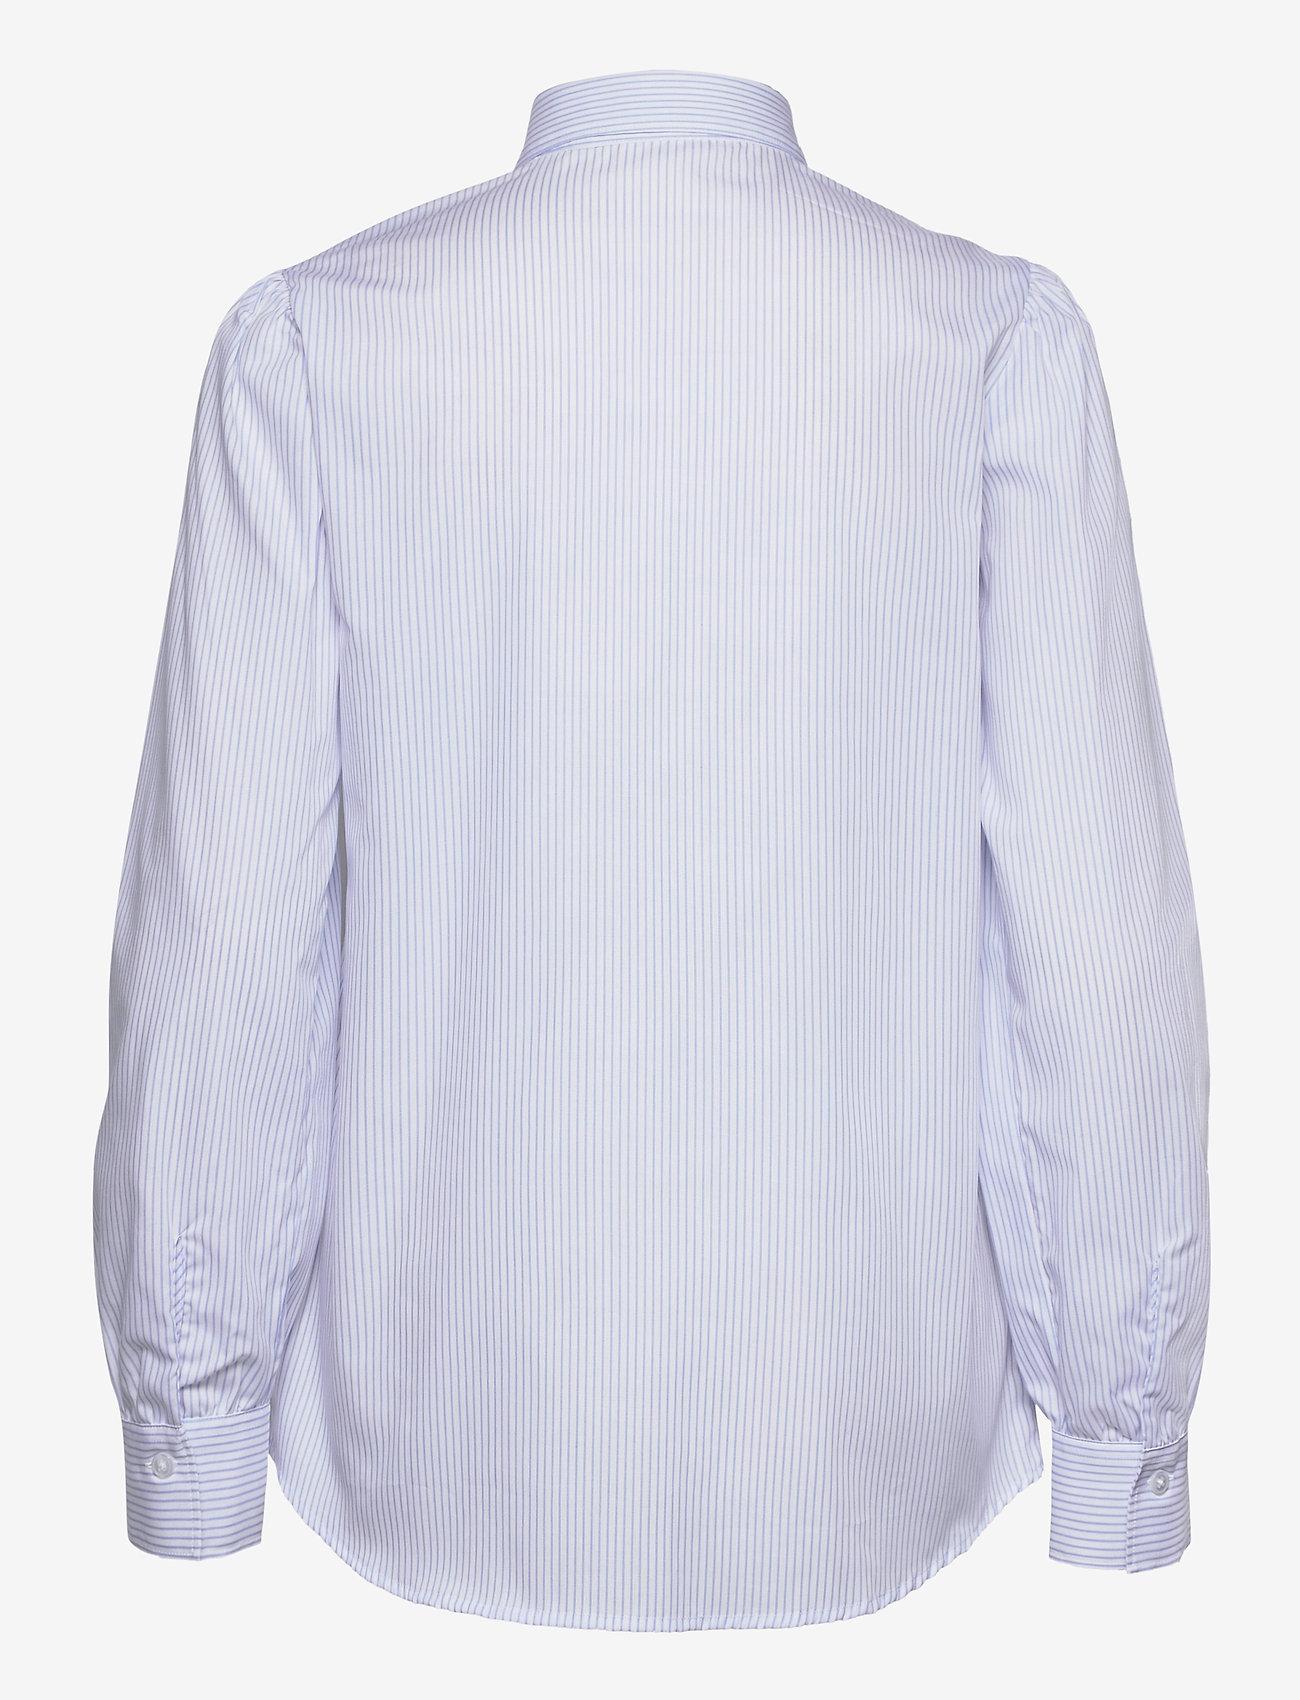 SAND - 8754 - Loreto - långärmade skjortor - ecru/light sand - 1